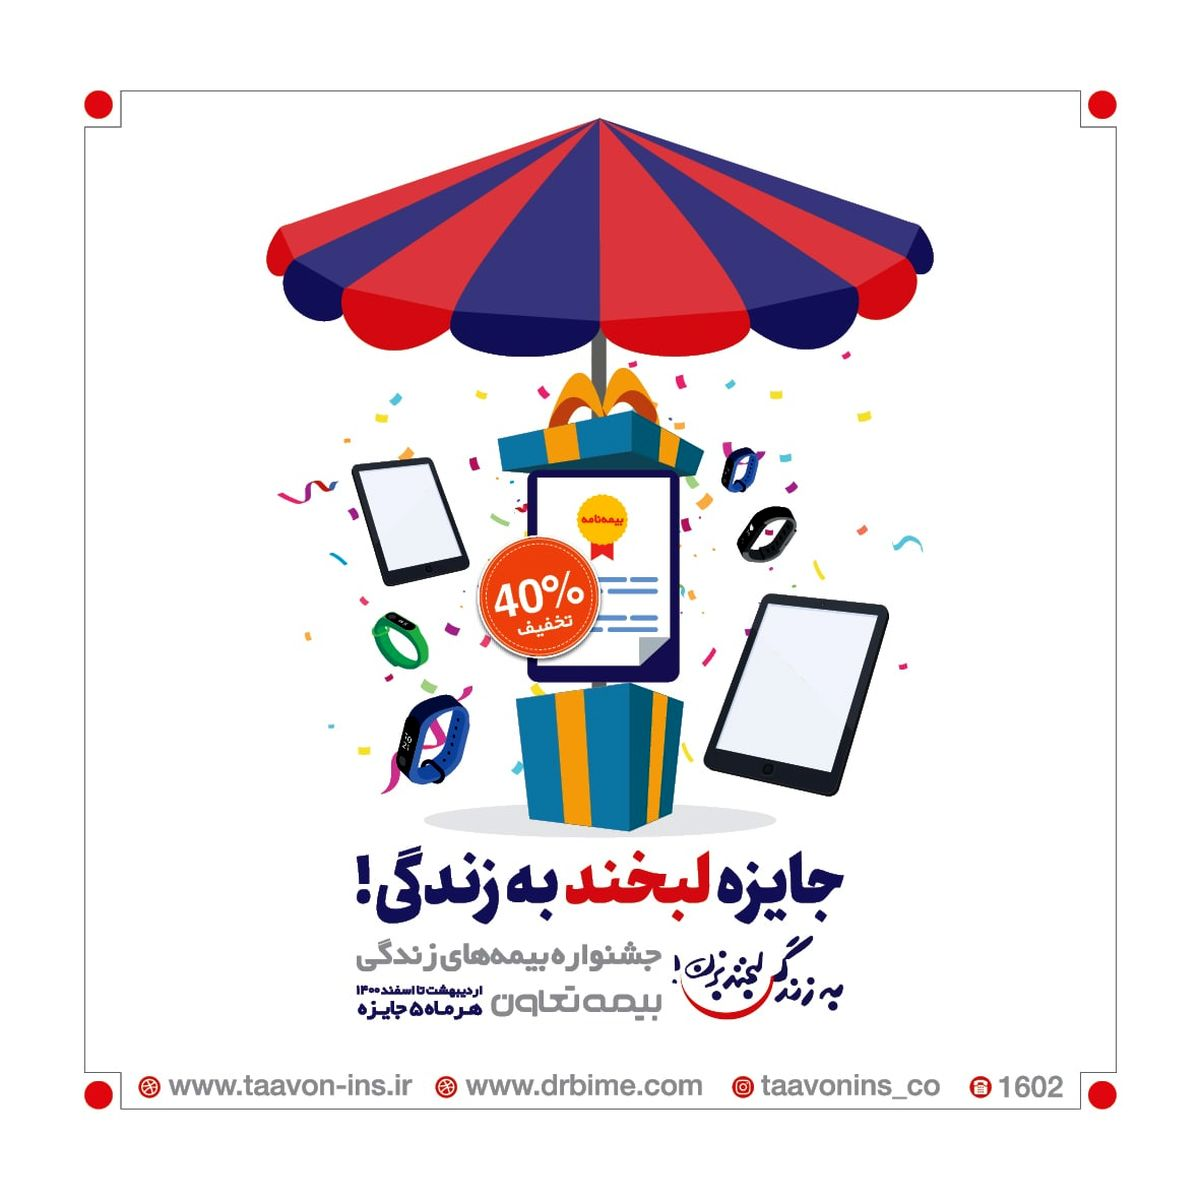 جشنواره بیمه های زندگی با 72جایزه و تخفیفات ویژه برای مشتریان بیمه تعاون آغاز شد